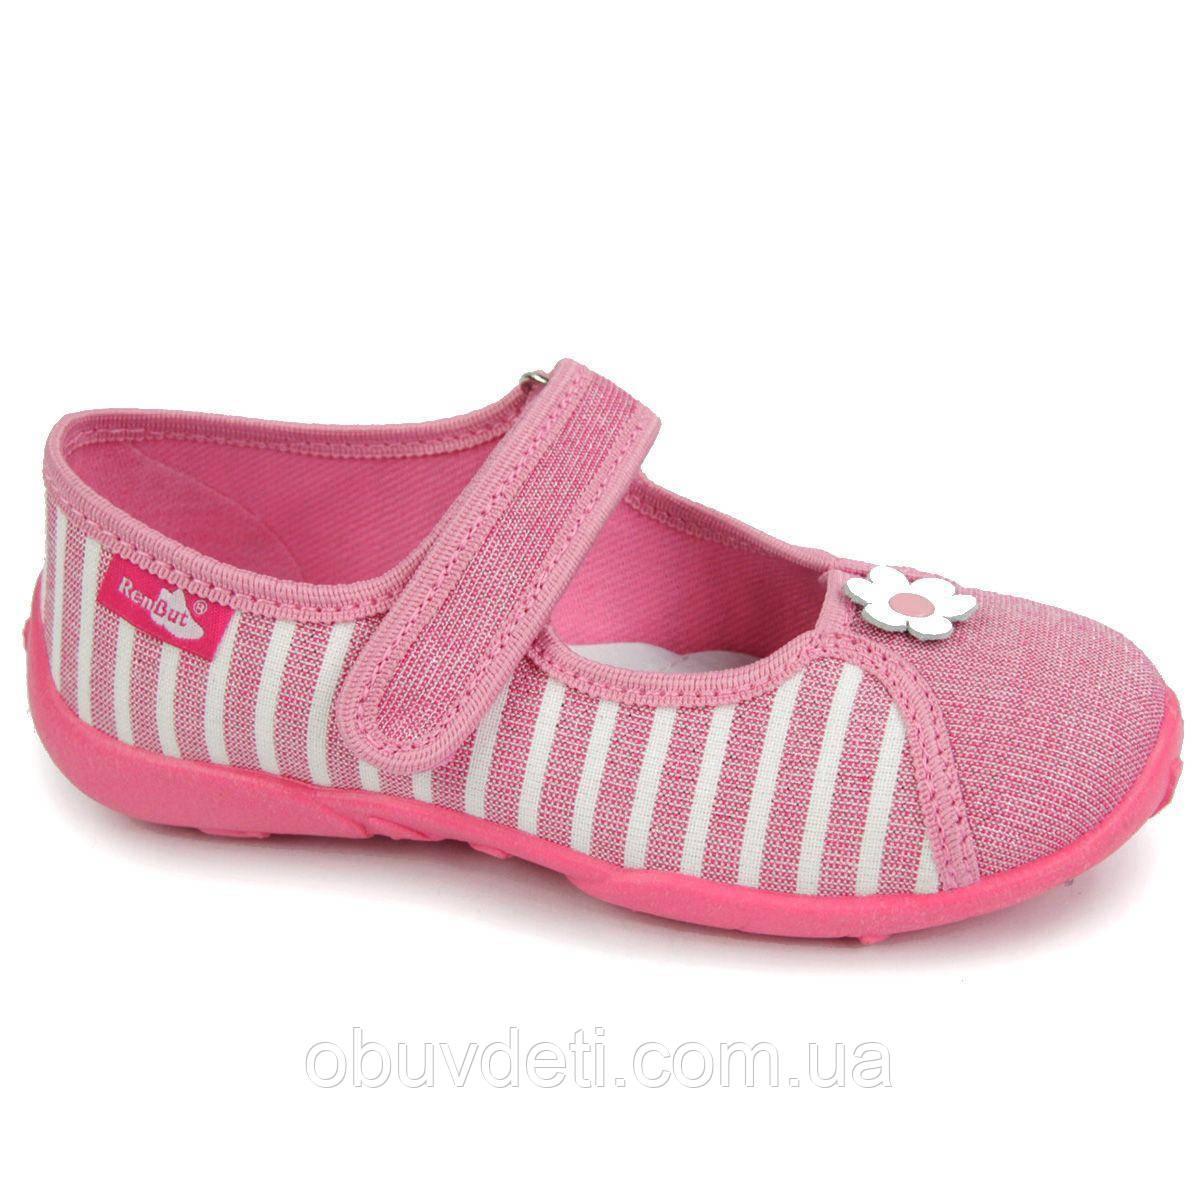 Тапочки-мокасины для девочек с кожаными стельками Renbut 29 (19,0 см)